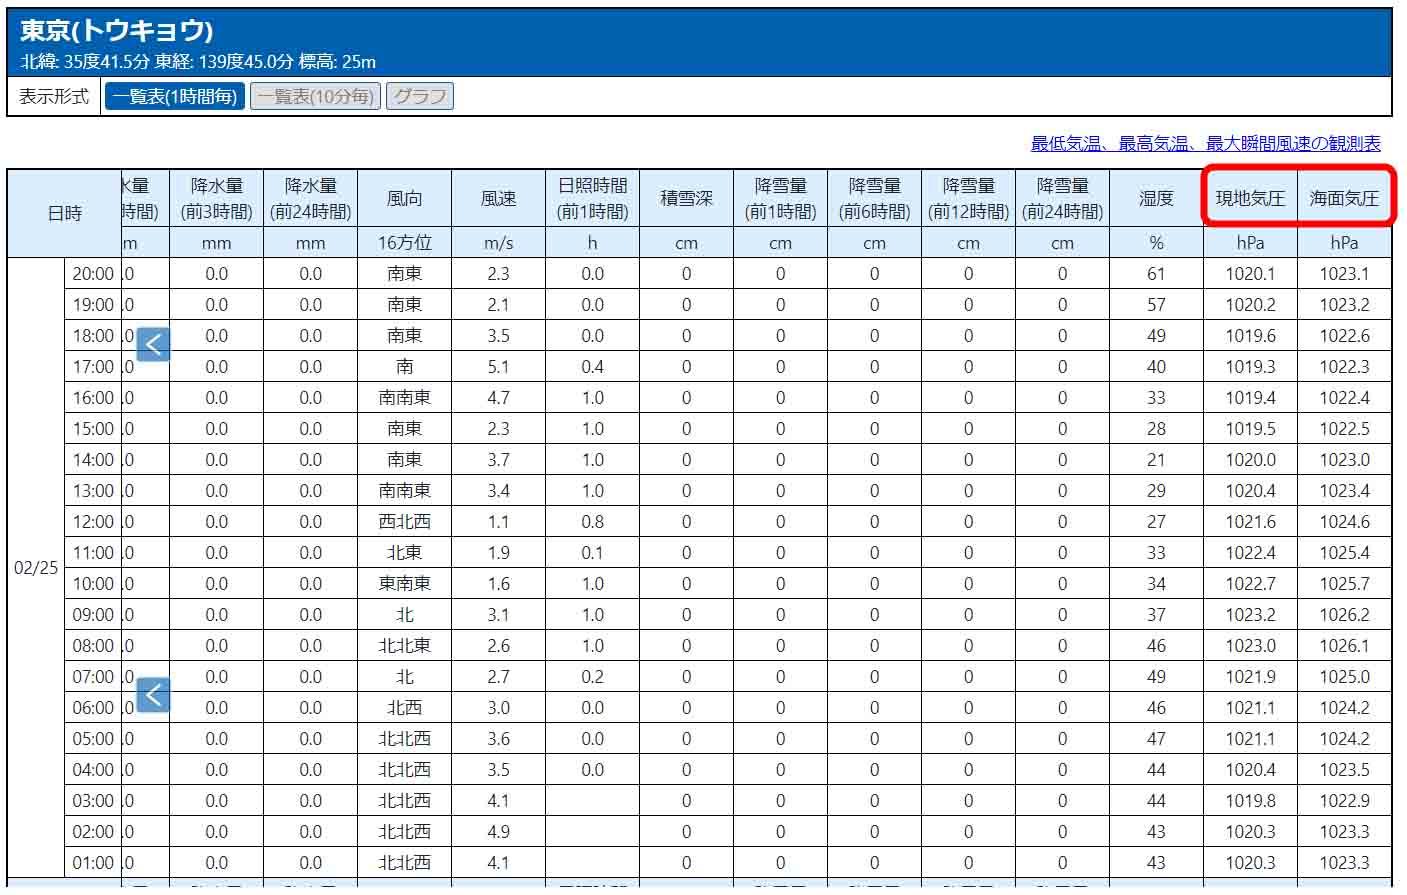 amedas_table03.jpg